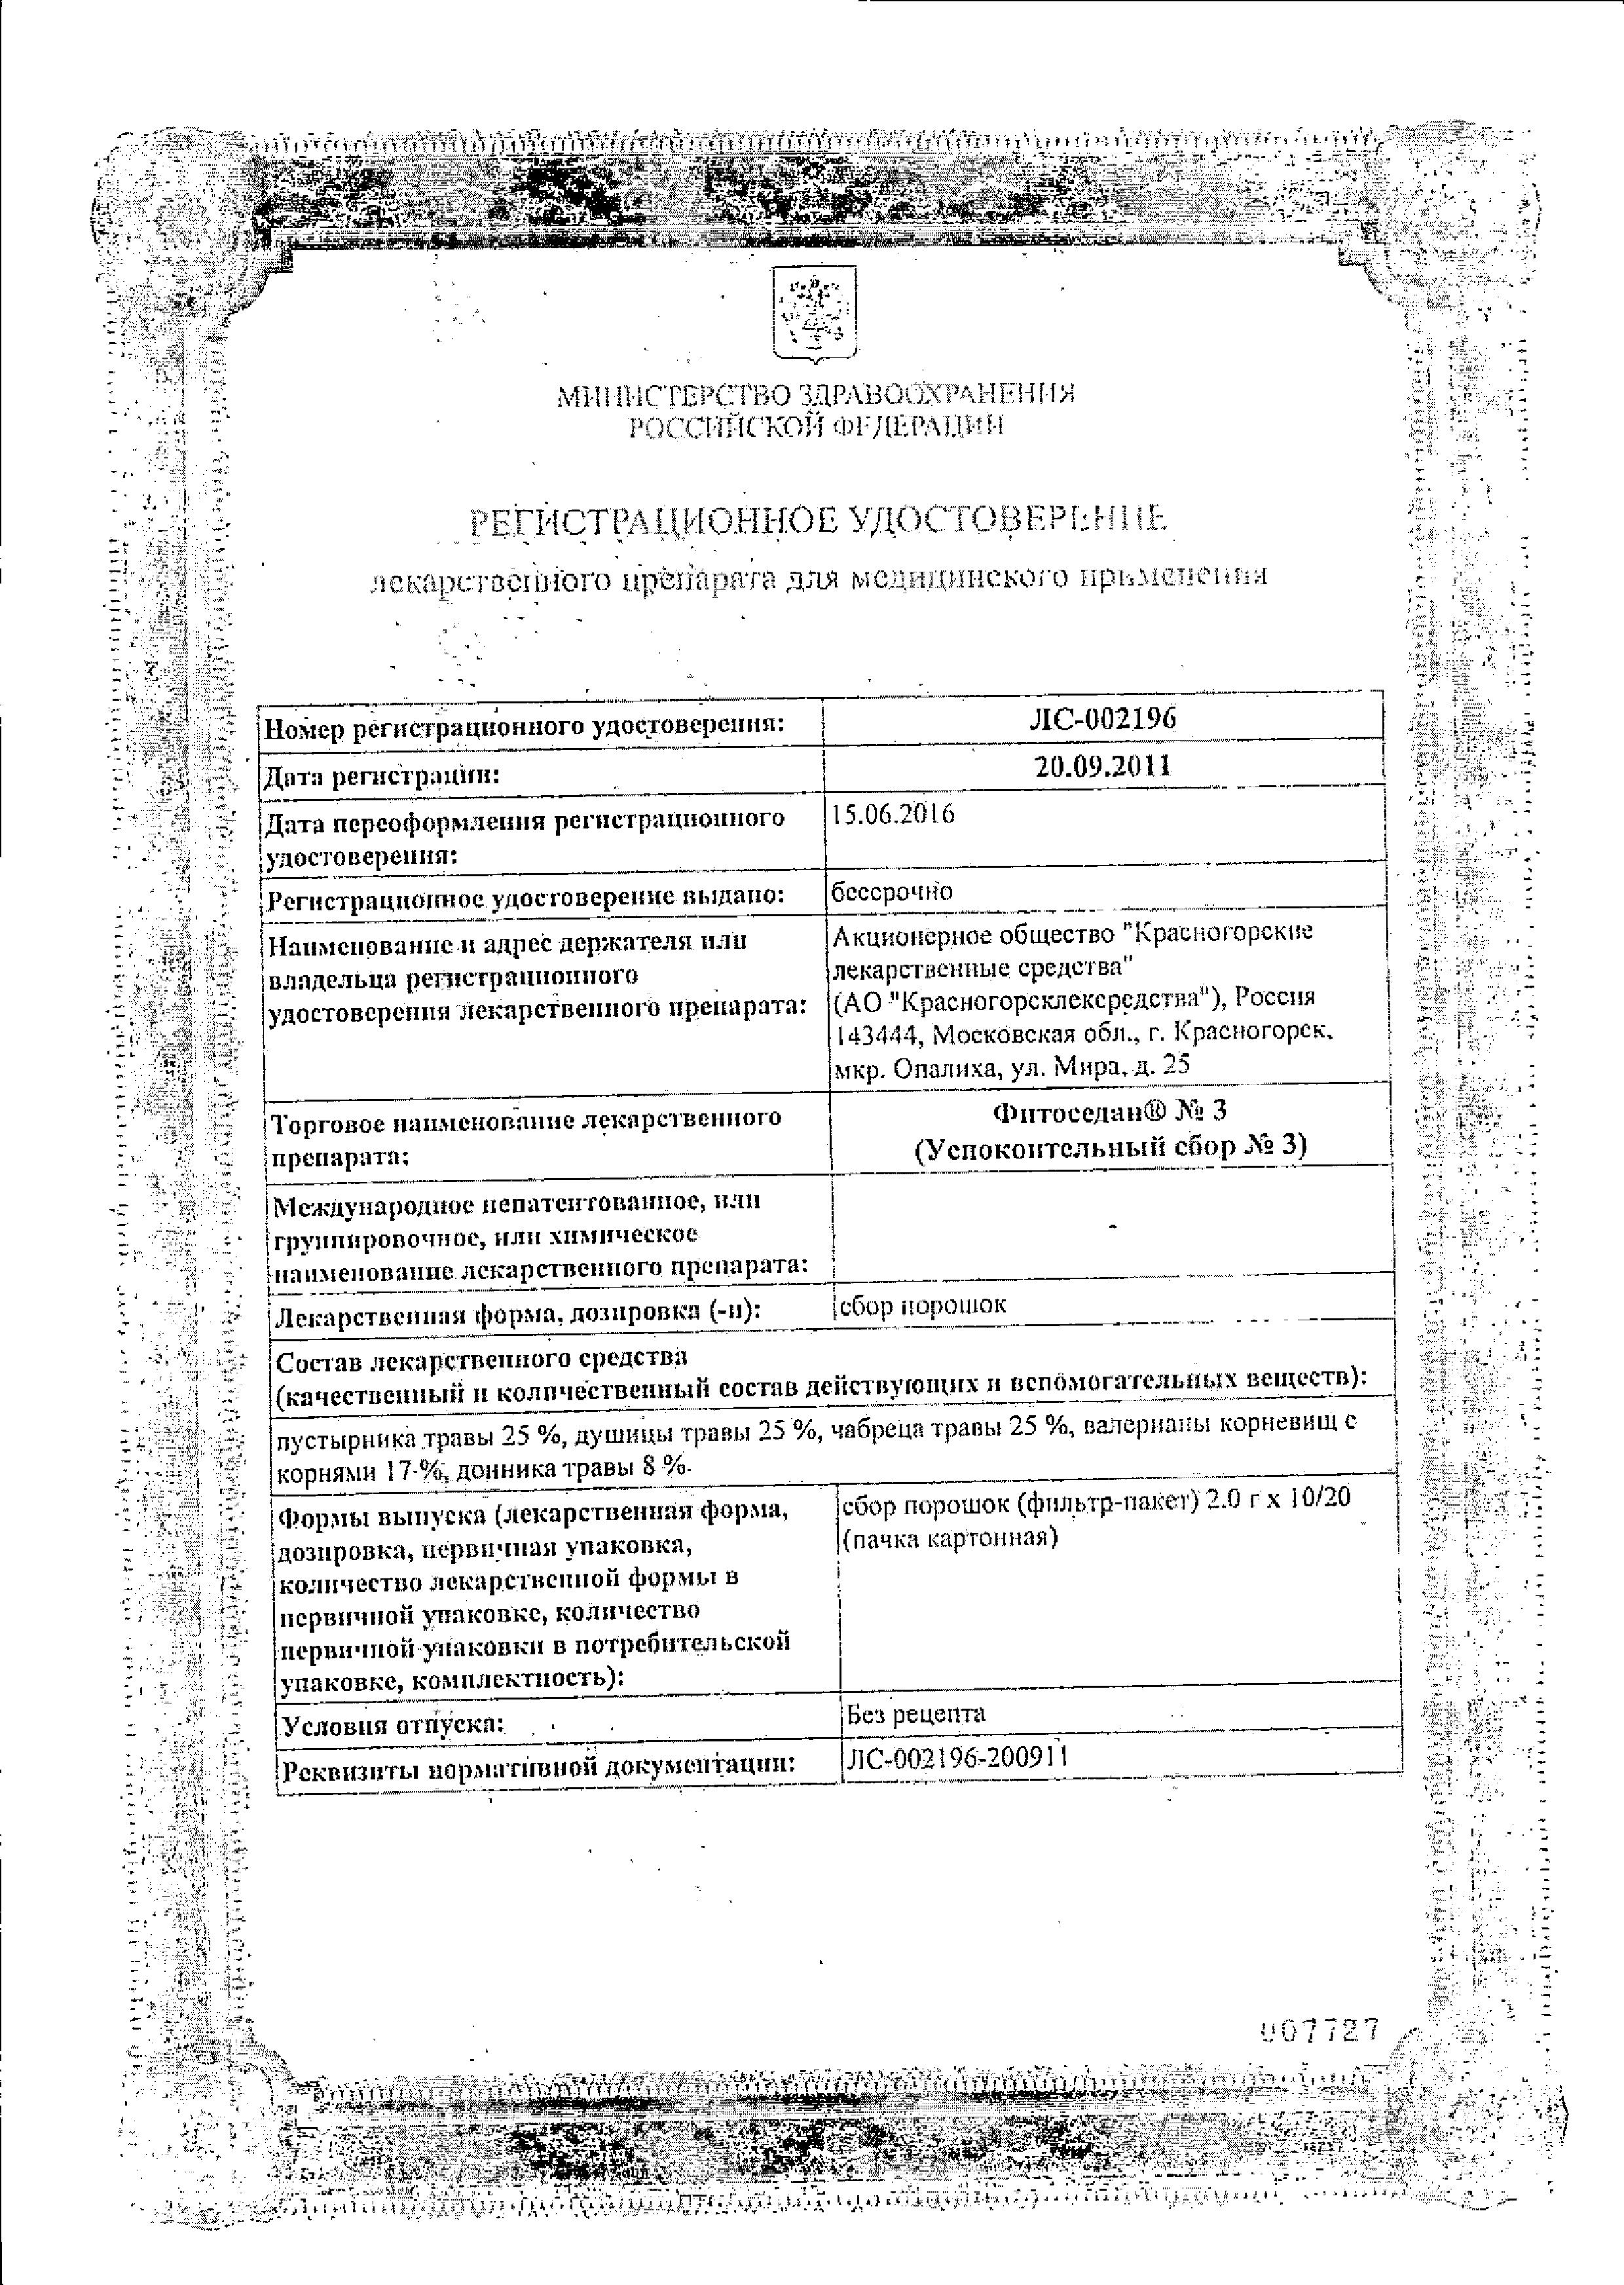 Фитоседан №3 (успокоительный сбор №3) сертификат